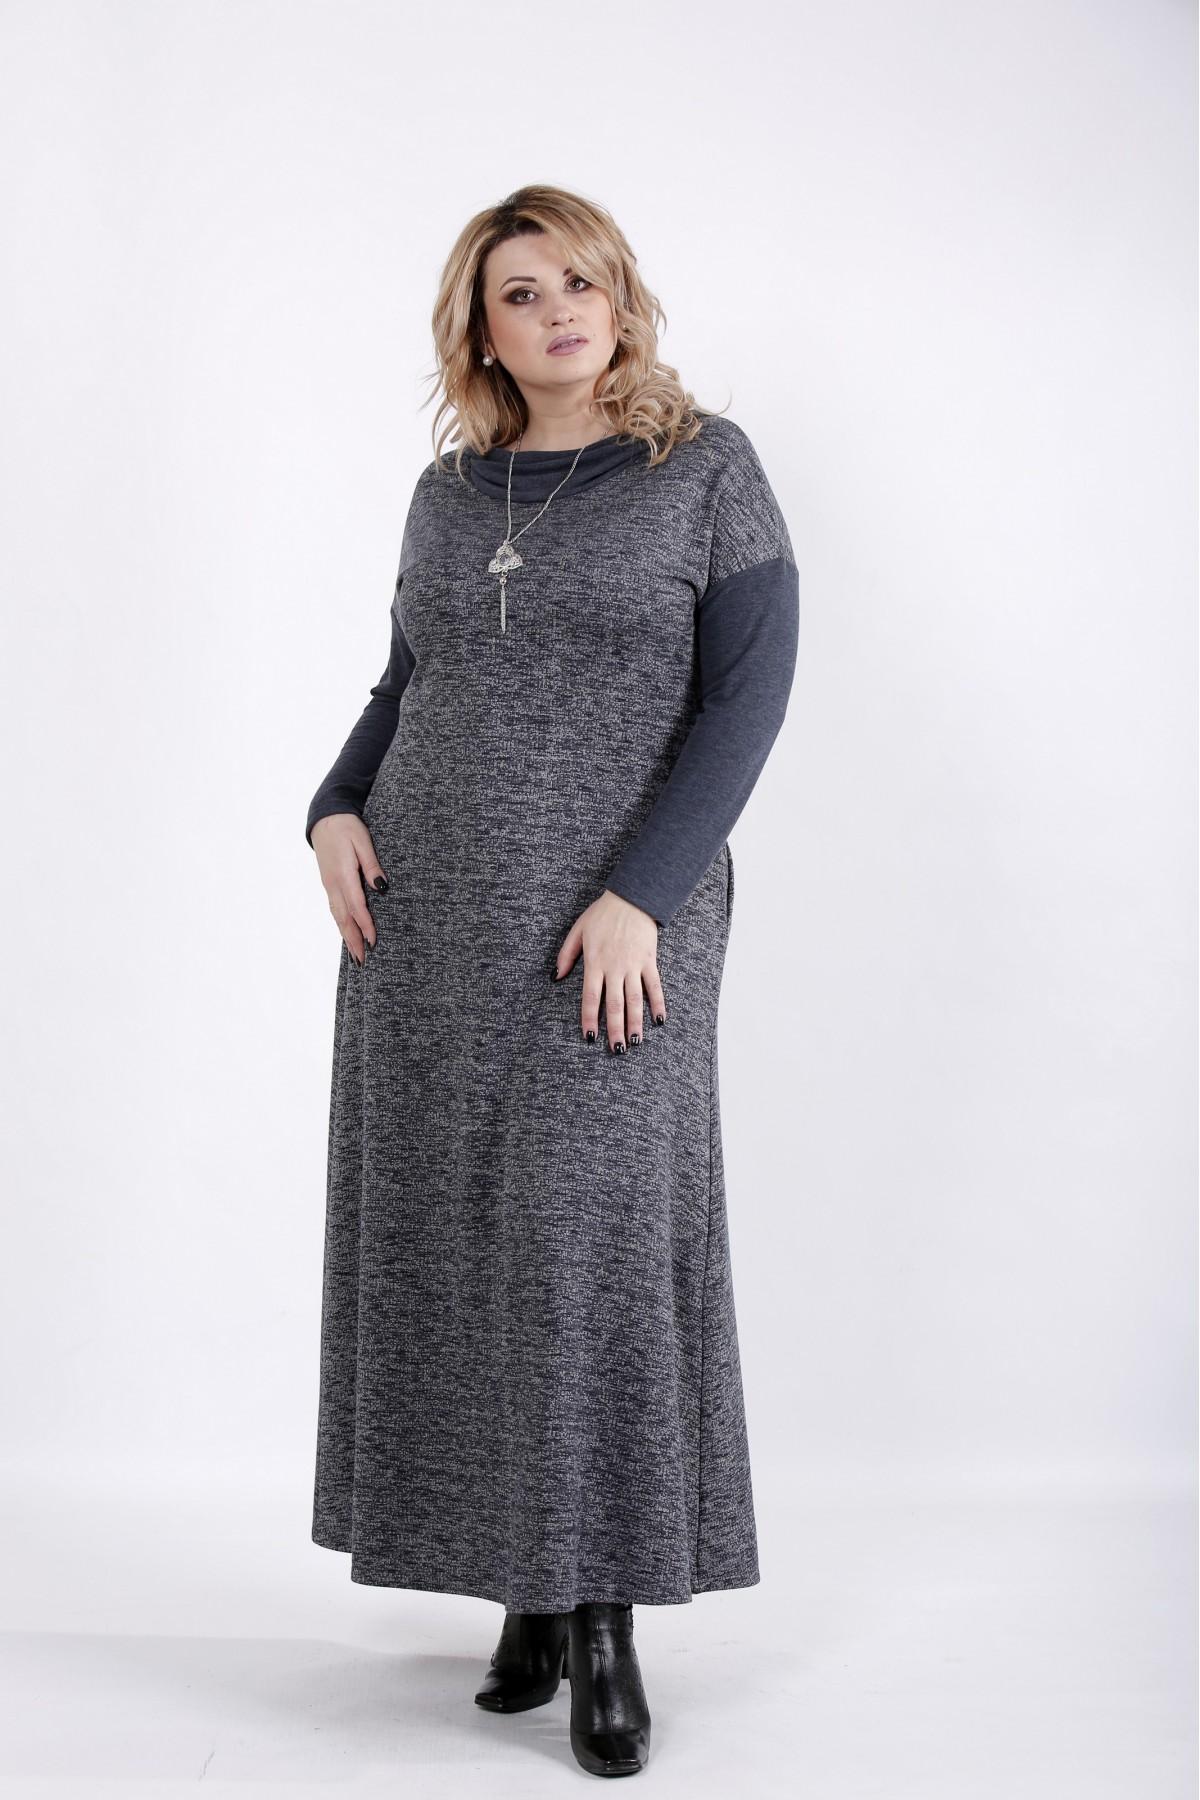 01027-2 | Платье в пол темный джинс